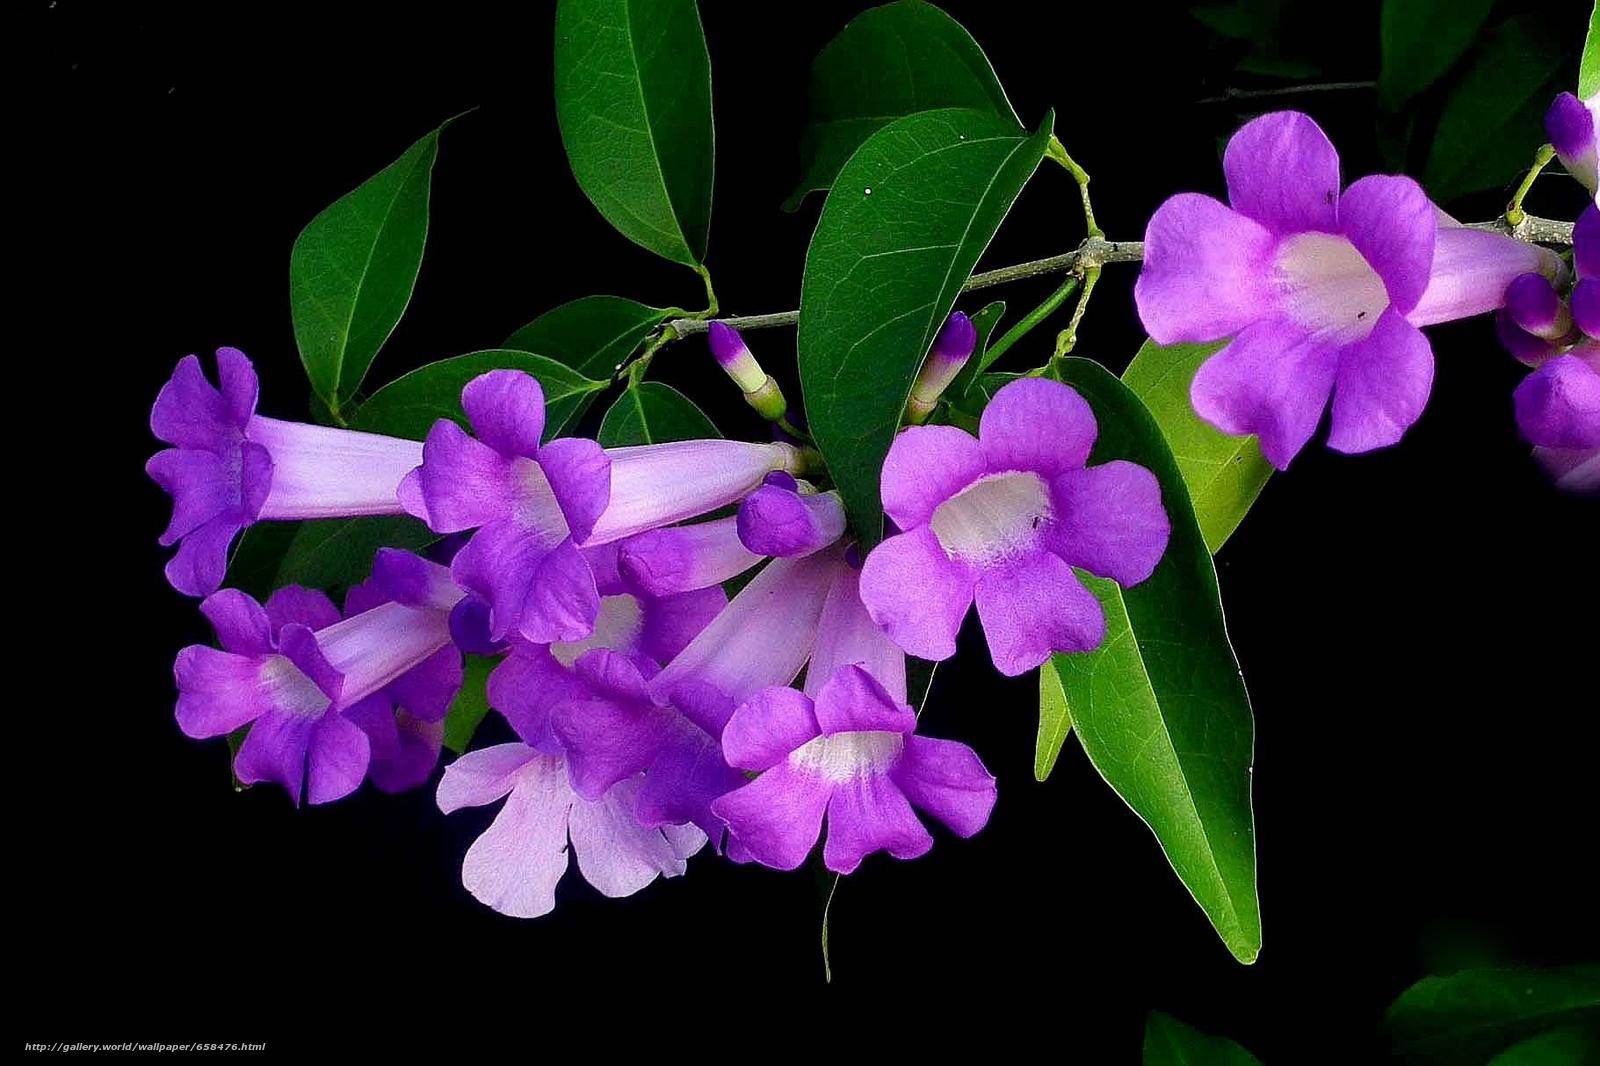 Скачать обои цветок,  цветы,  флора бесплатно для рабочего стола в разрешении 1821x1213 — картинка №658476